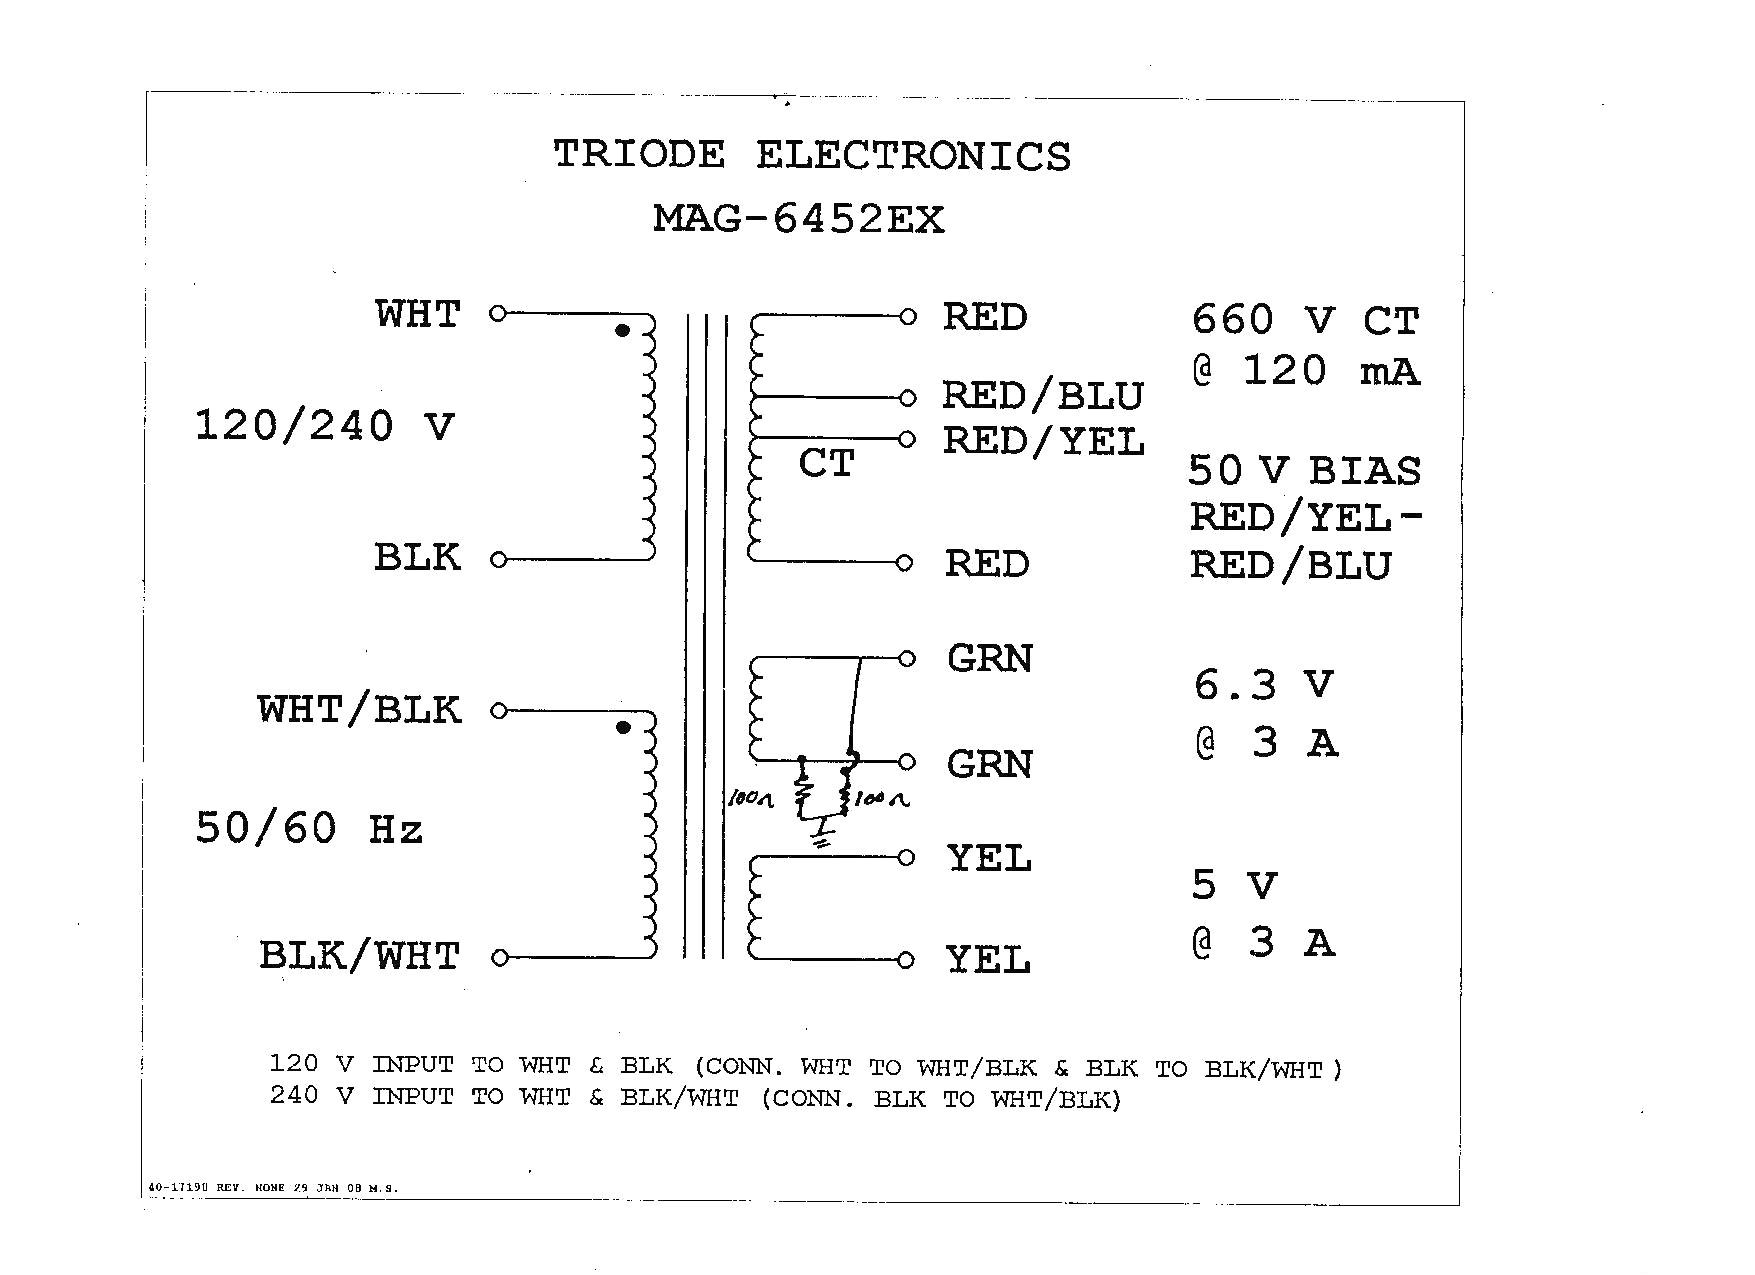 transformer kva chart inspirational 75 kva transformer wiringtransformer kva chart inspirational 75 kva transformer wiring diagram